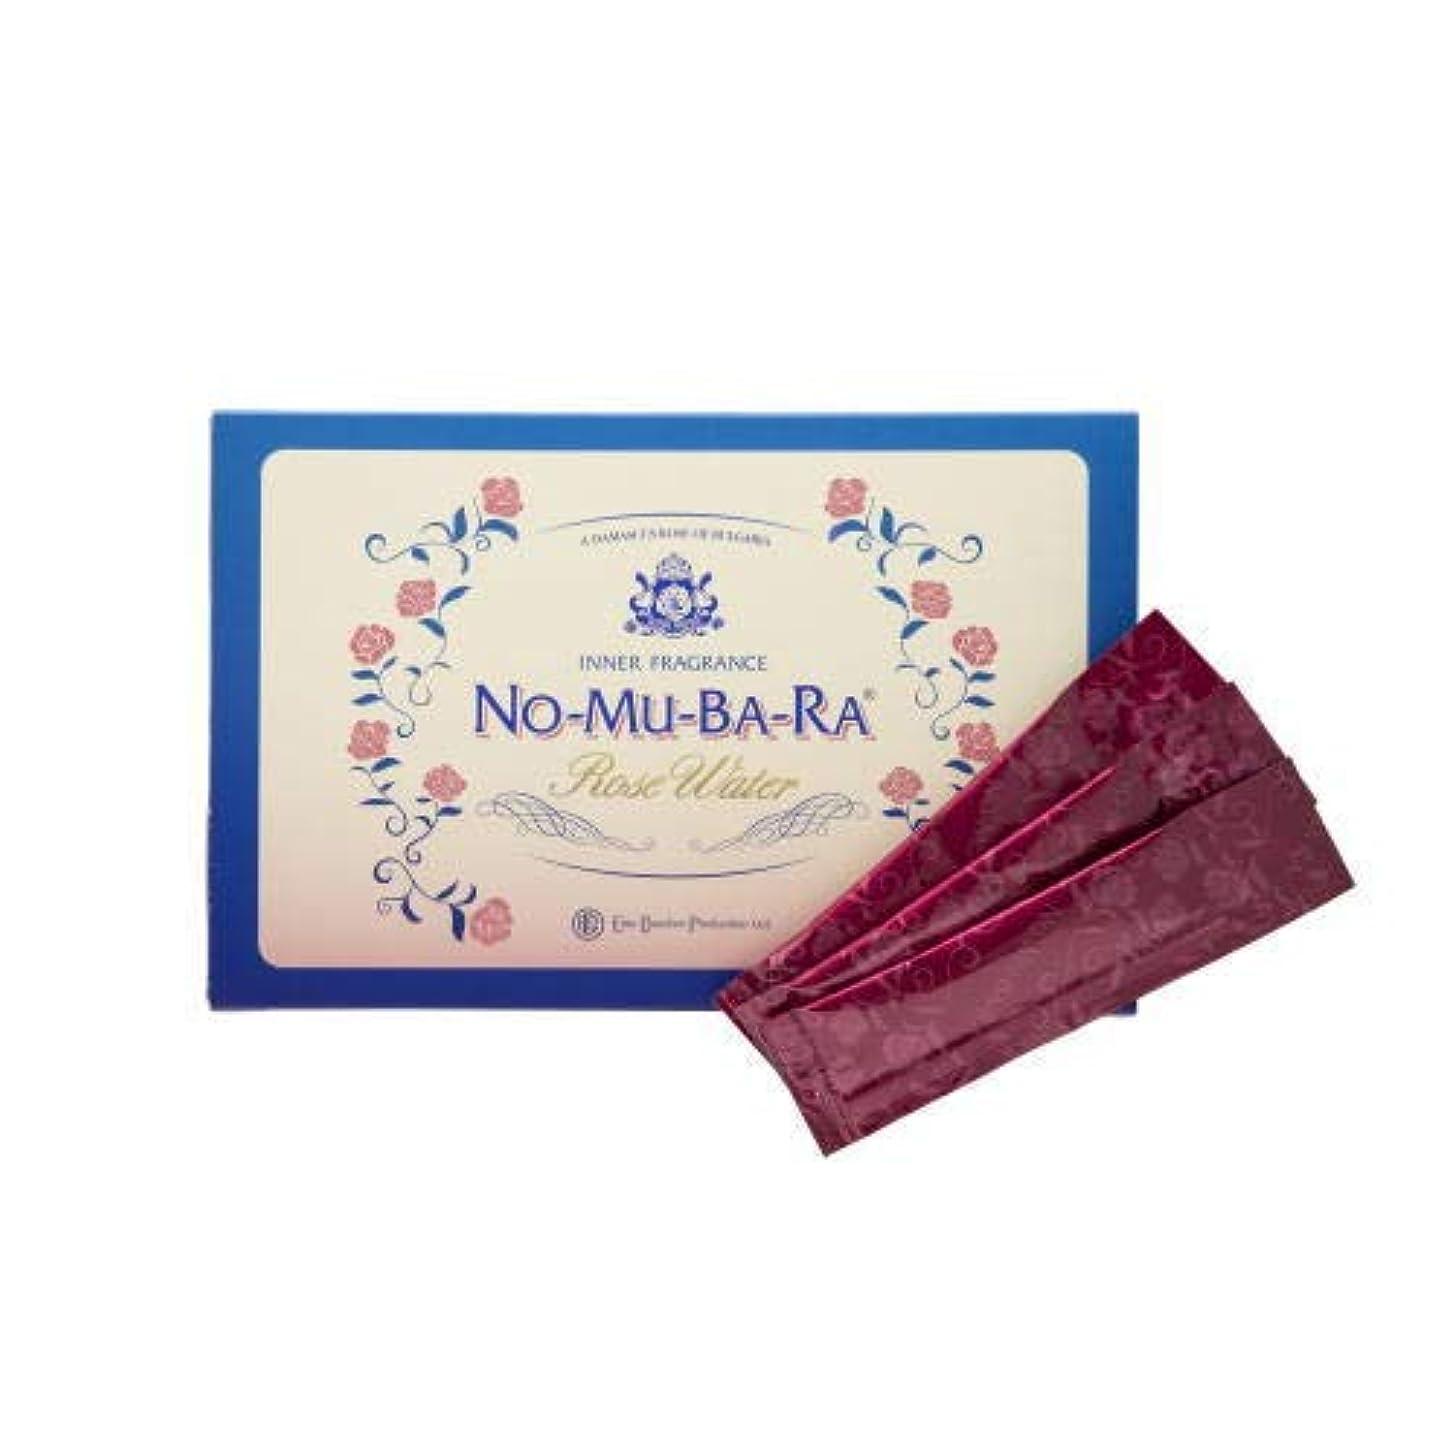 然とした大破肉のNO-MU-BA-RA NO-MU-BA-RA(ノムバラ)(35包入)×2箱【モンドセレクション受賞】